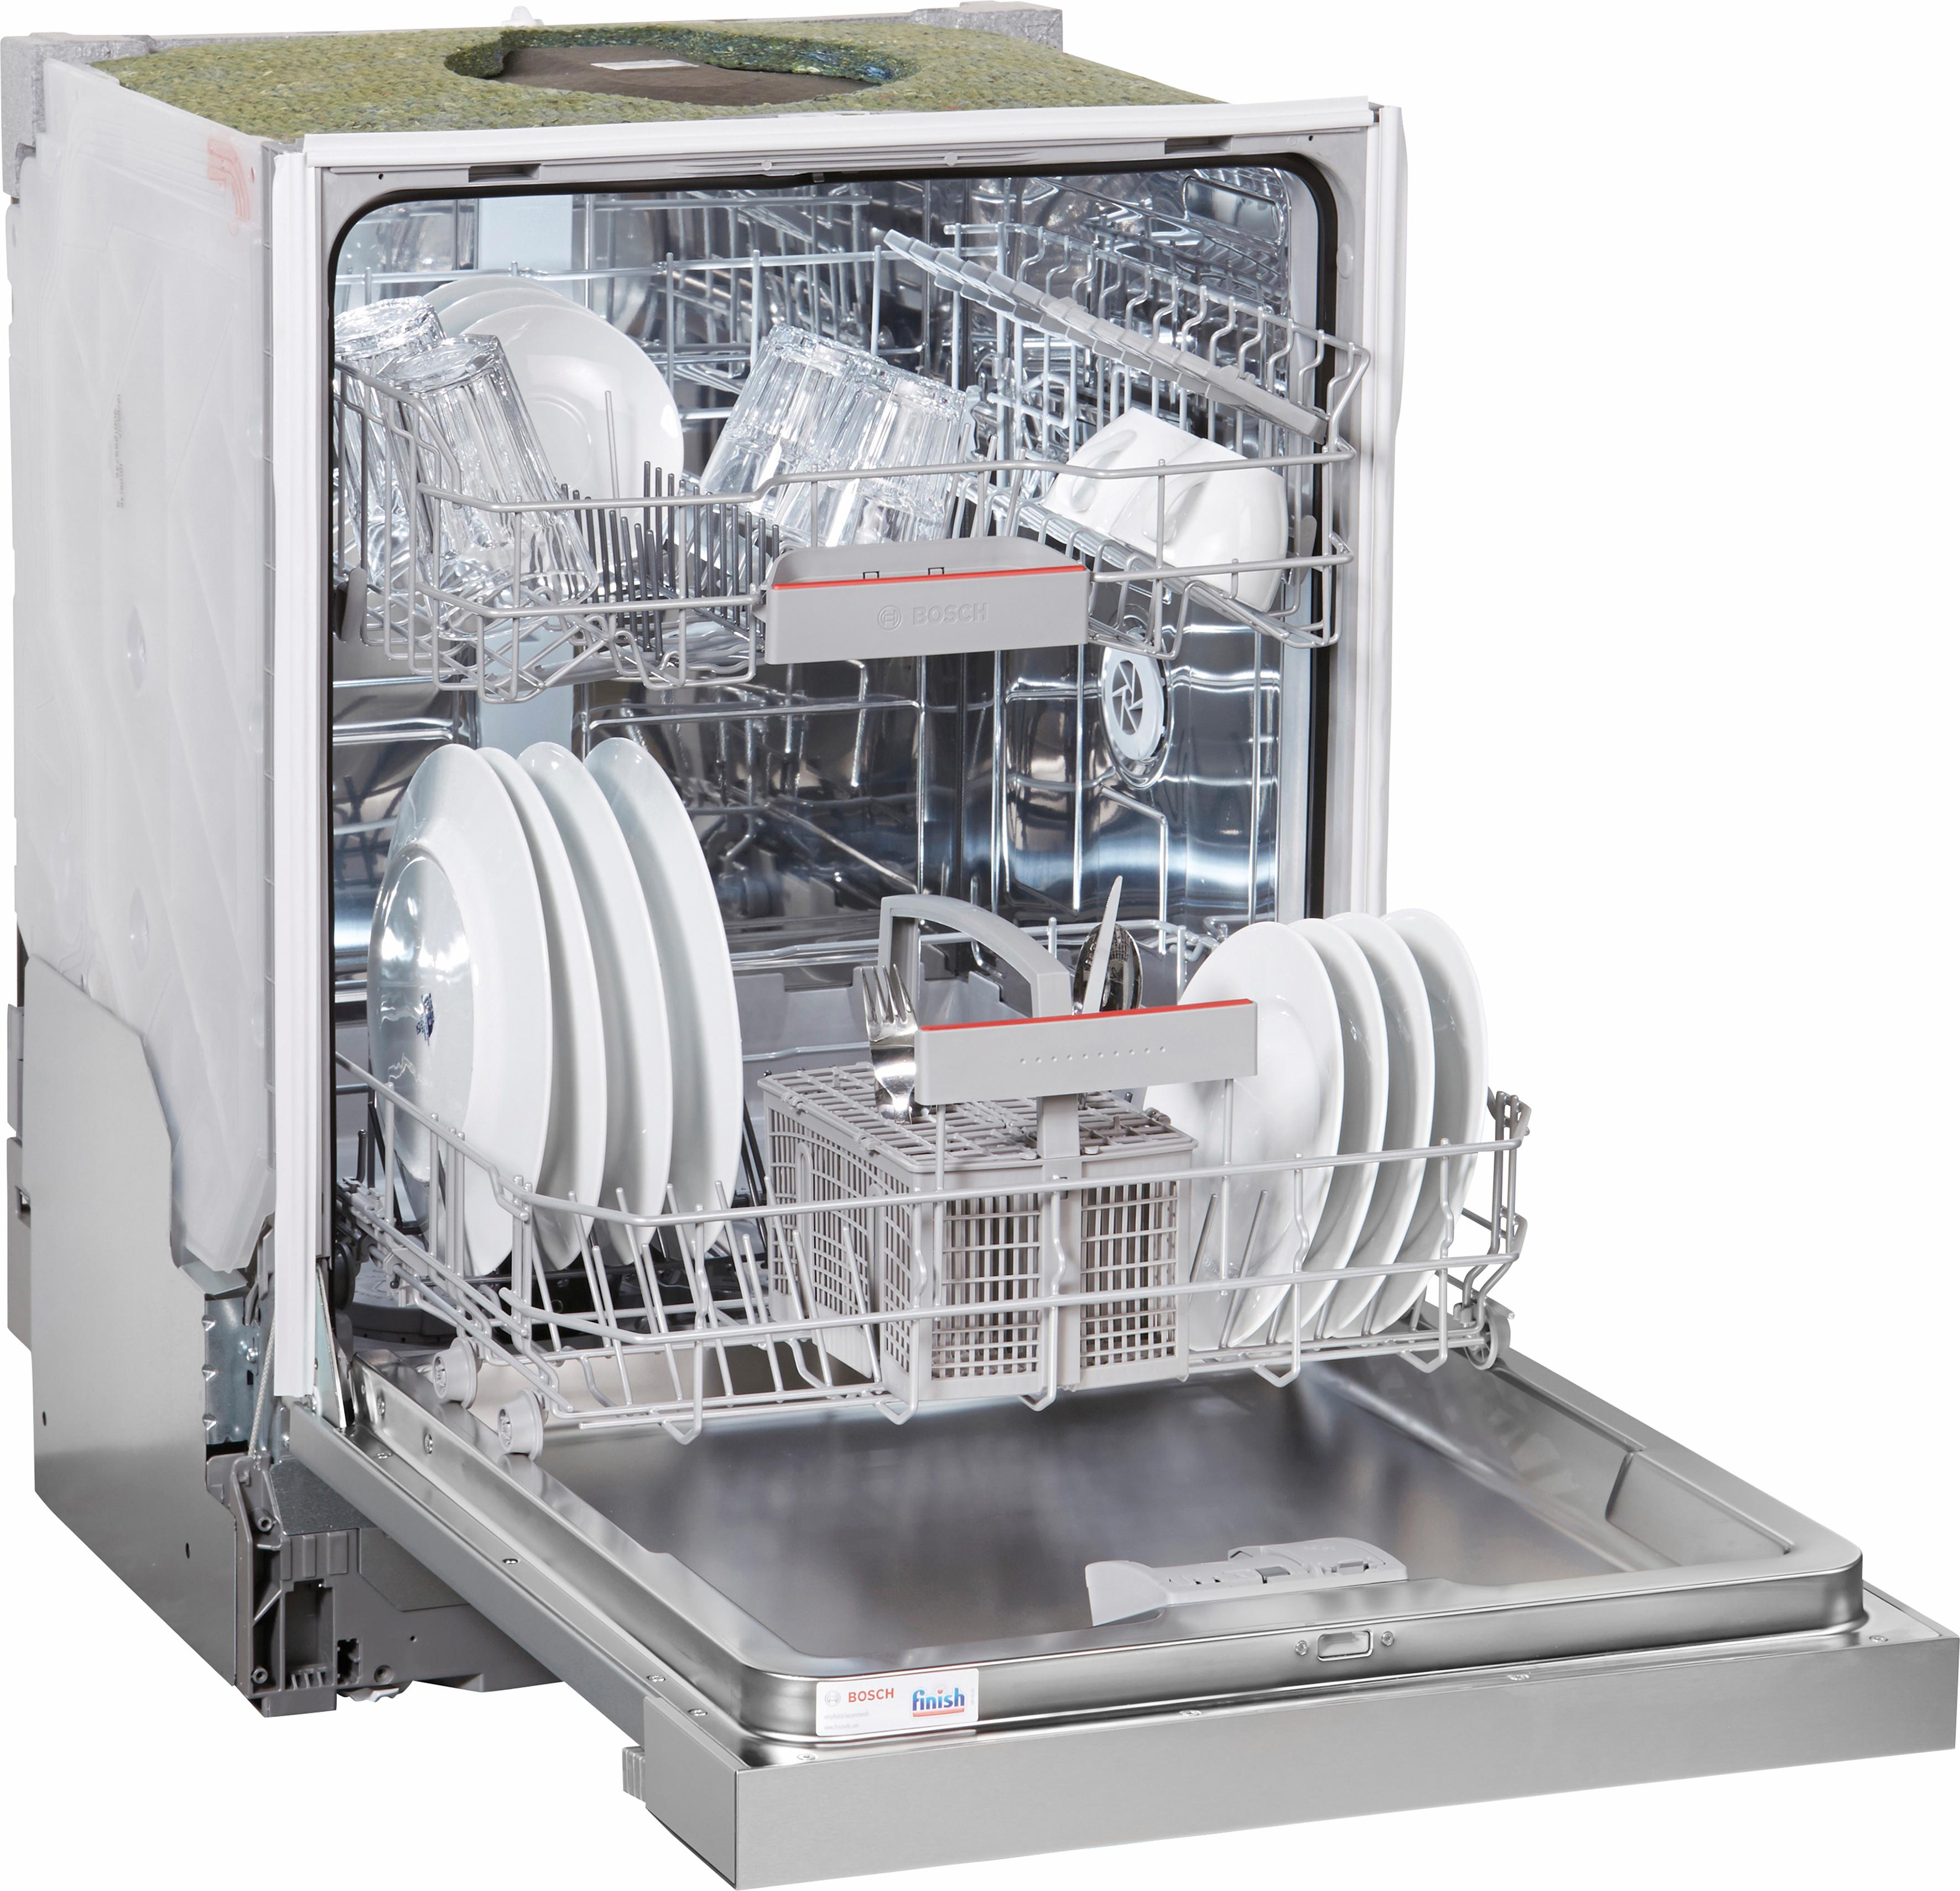 Bosch Gefrierschränke online kaufen | Möbel-Suchmaschine ...